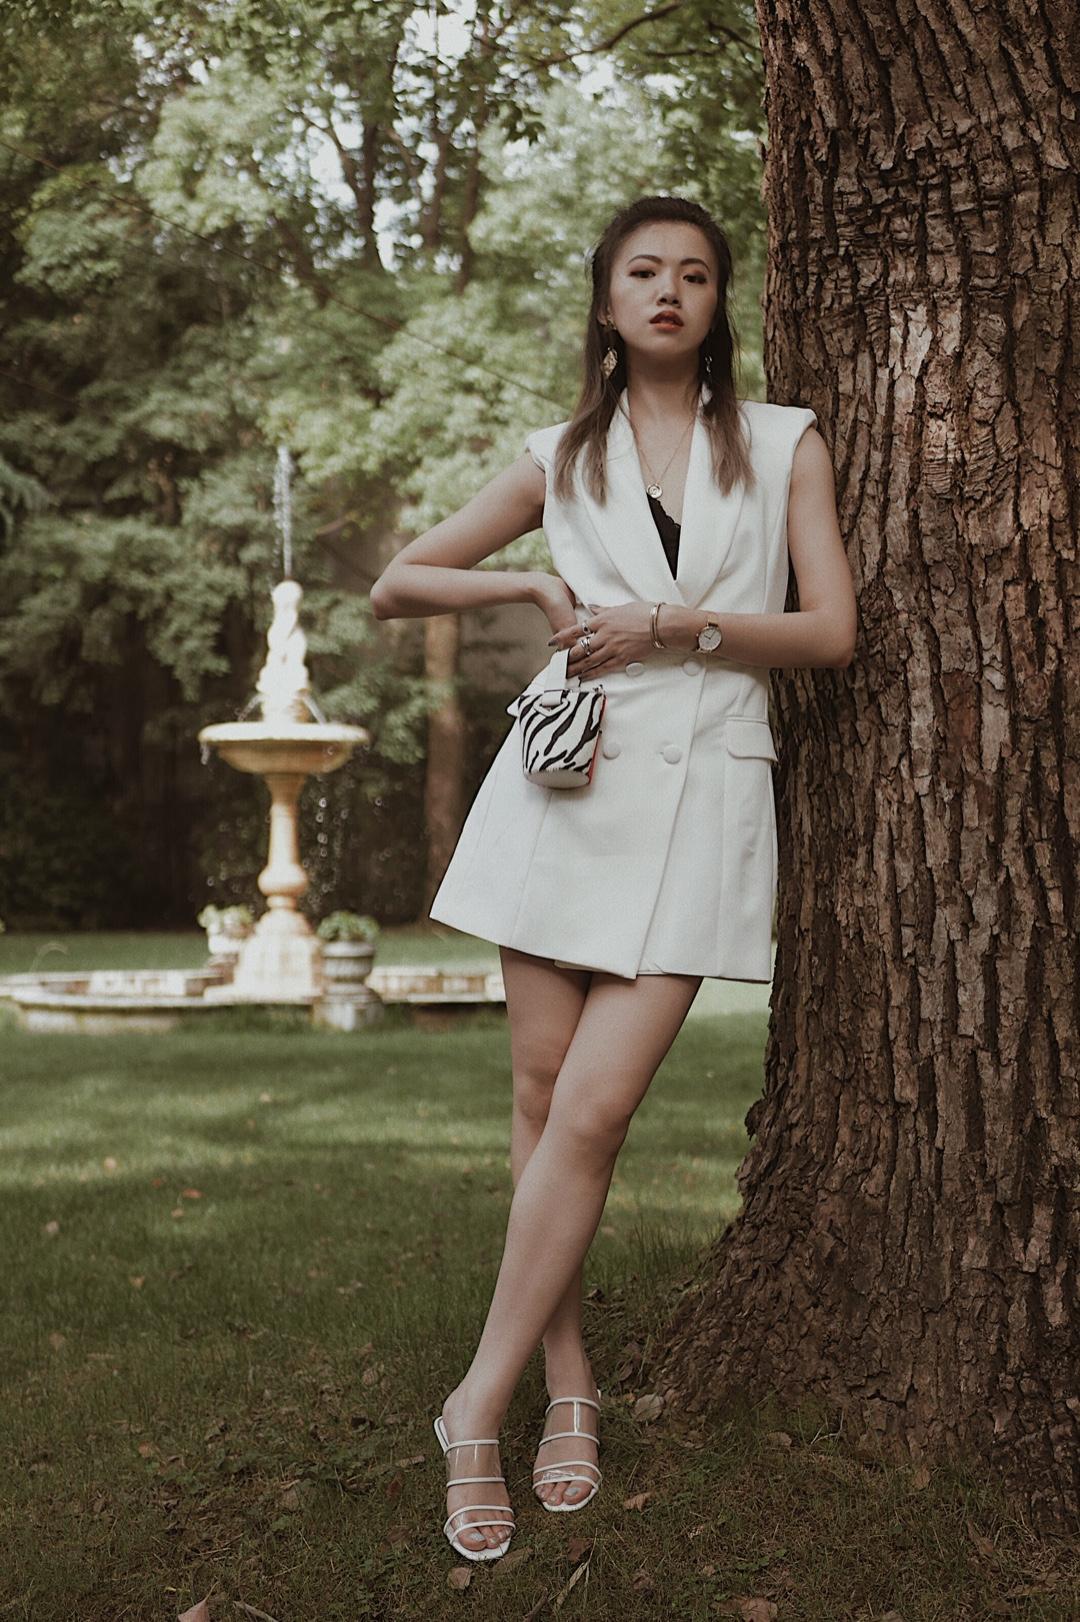 #清凉好看的夏季单品盘点# 春秋天的职场穿西装, 那夏天的职场就穿西装背心啊! 而西装背心裙更是独特了!还非常显气质~ 夏日里白色也不会沉闷。 搭配199zara打折买来的鞋简直再完美不过了~